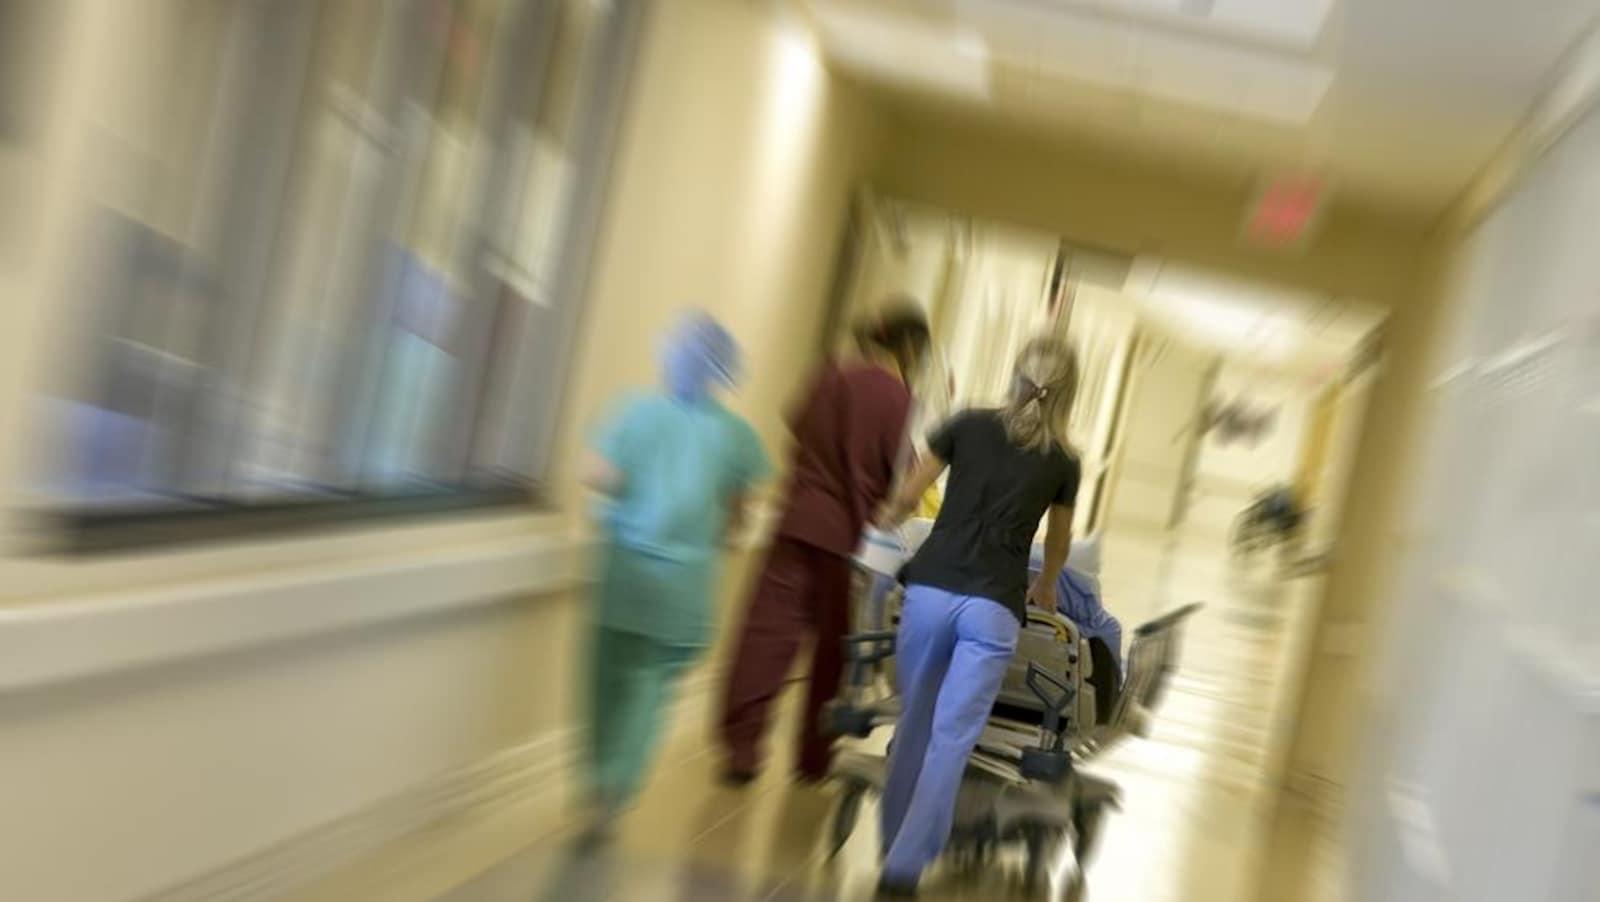 Une infirmière fait rouler un lit dans un couloir d'hôpital.